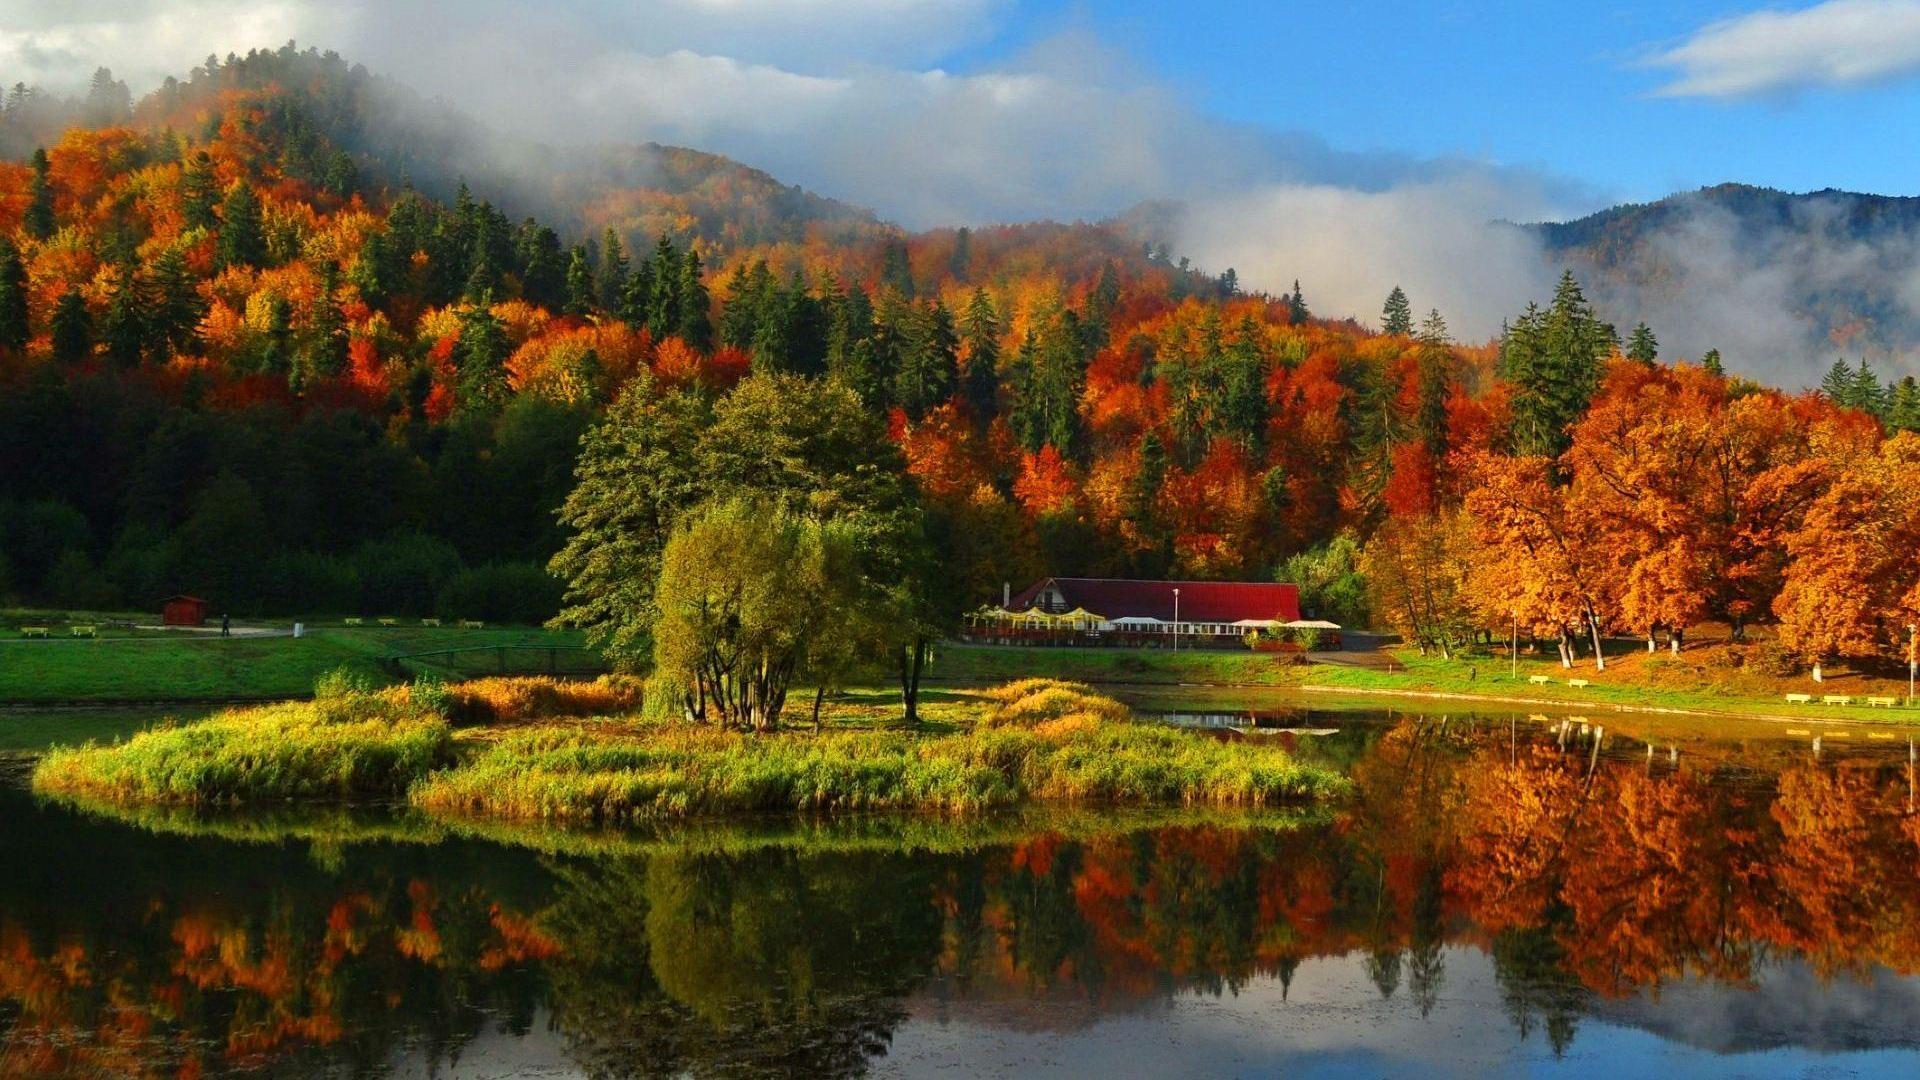 misty autumn mountain wallpapers hd